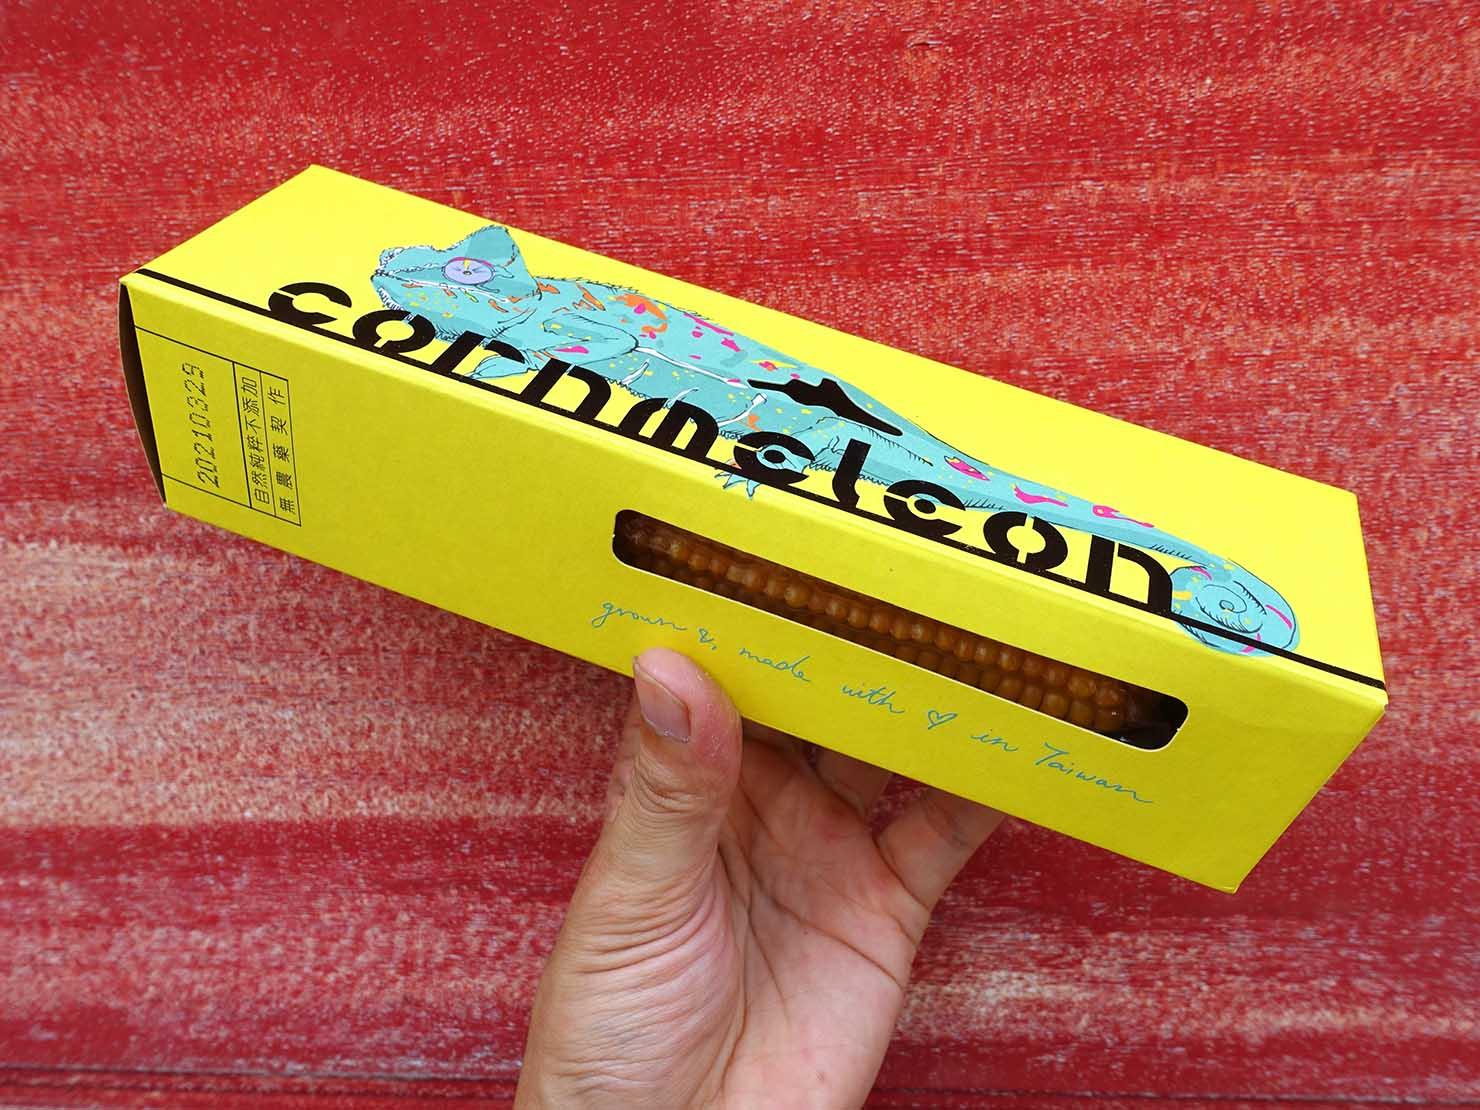 台北101エリアでのおみやげ探しにおすすめのショップ「好丘 Good Cho's」で買ったおみやげ・cornmeleon有梗爆米花